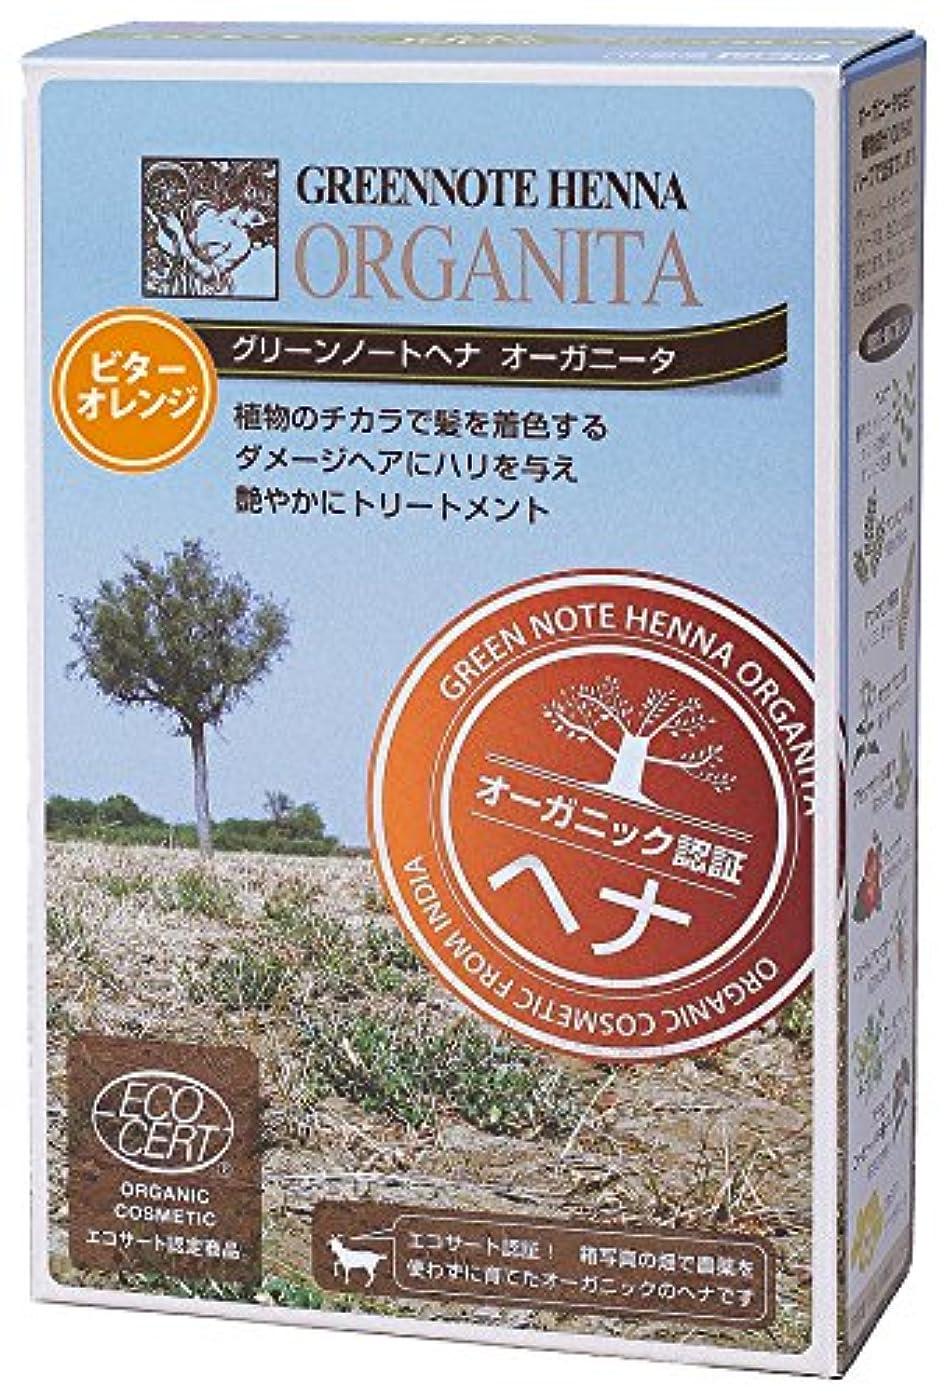 署名亜熱帯モロニックグリーンノートヘナ オーガニータ ビターオレンジ 100g